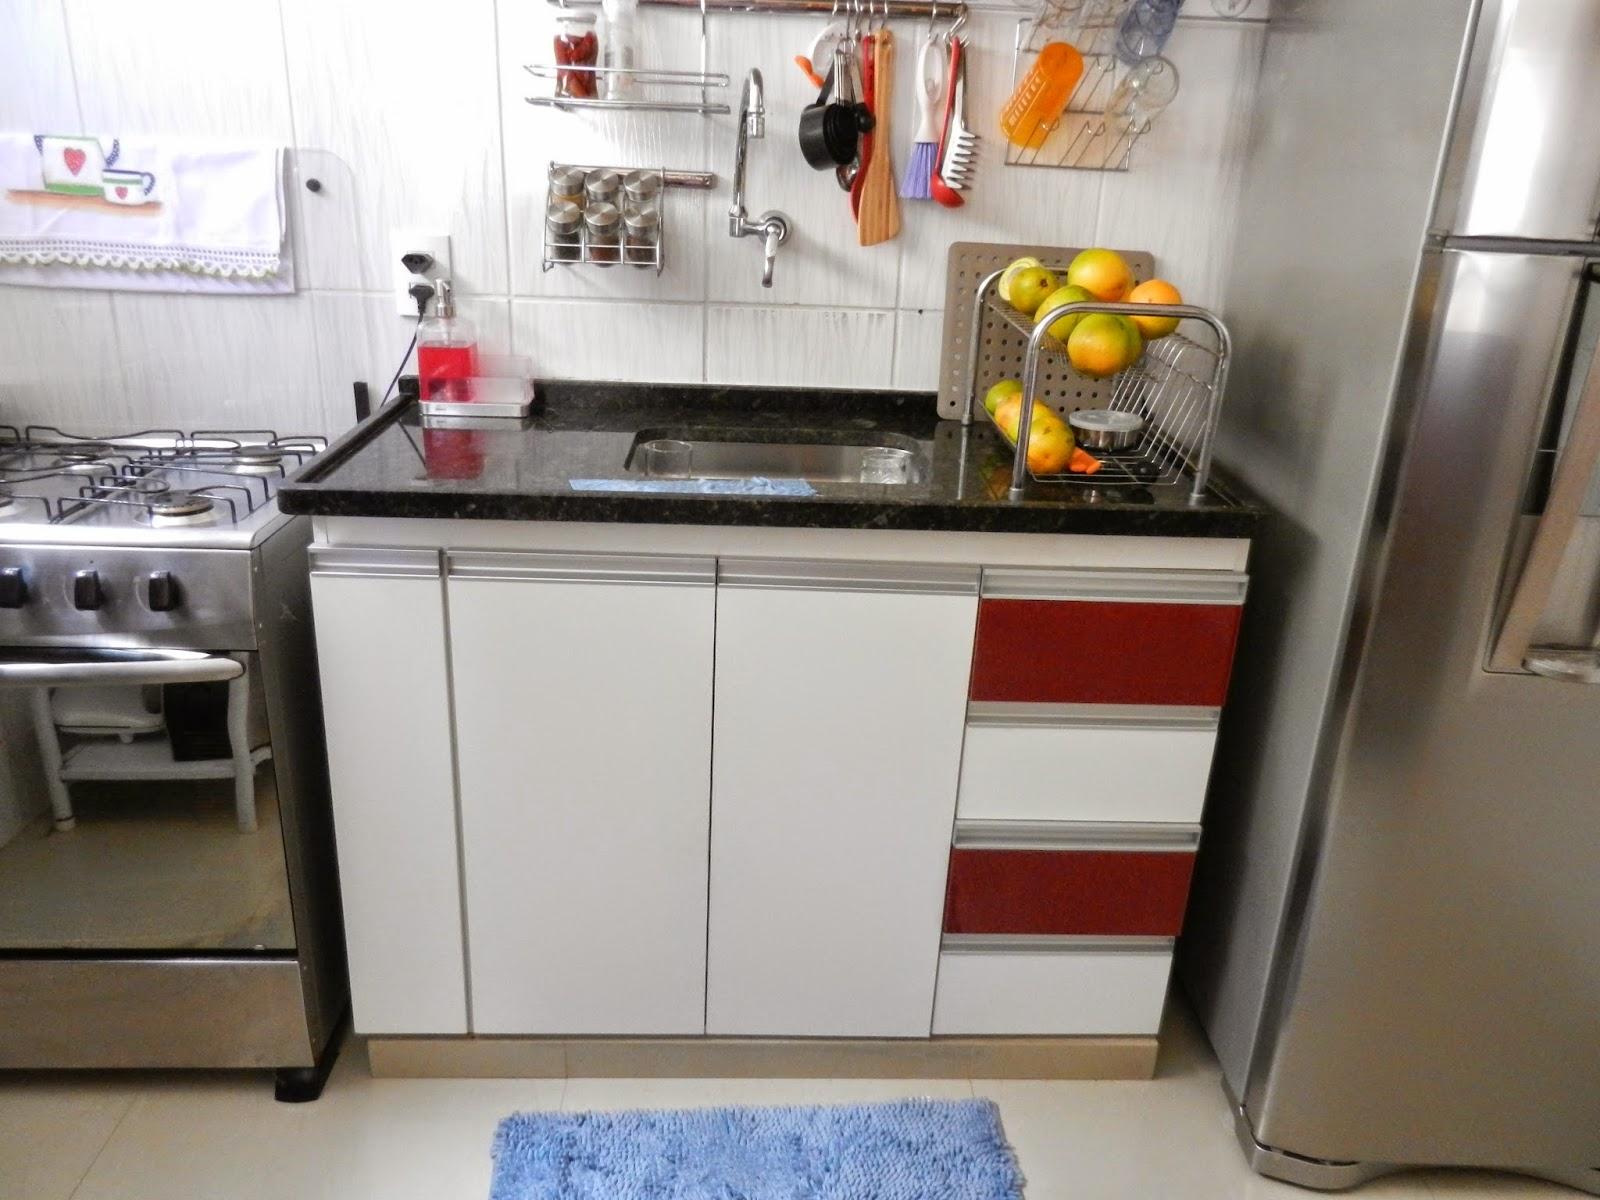 #B06D1B Armário de cozinha (sob a pia) ~ Pimenta Planejados 1600x1200 px Projeto De Armario De Pia De Cozinha #2739 imagens